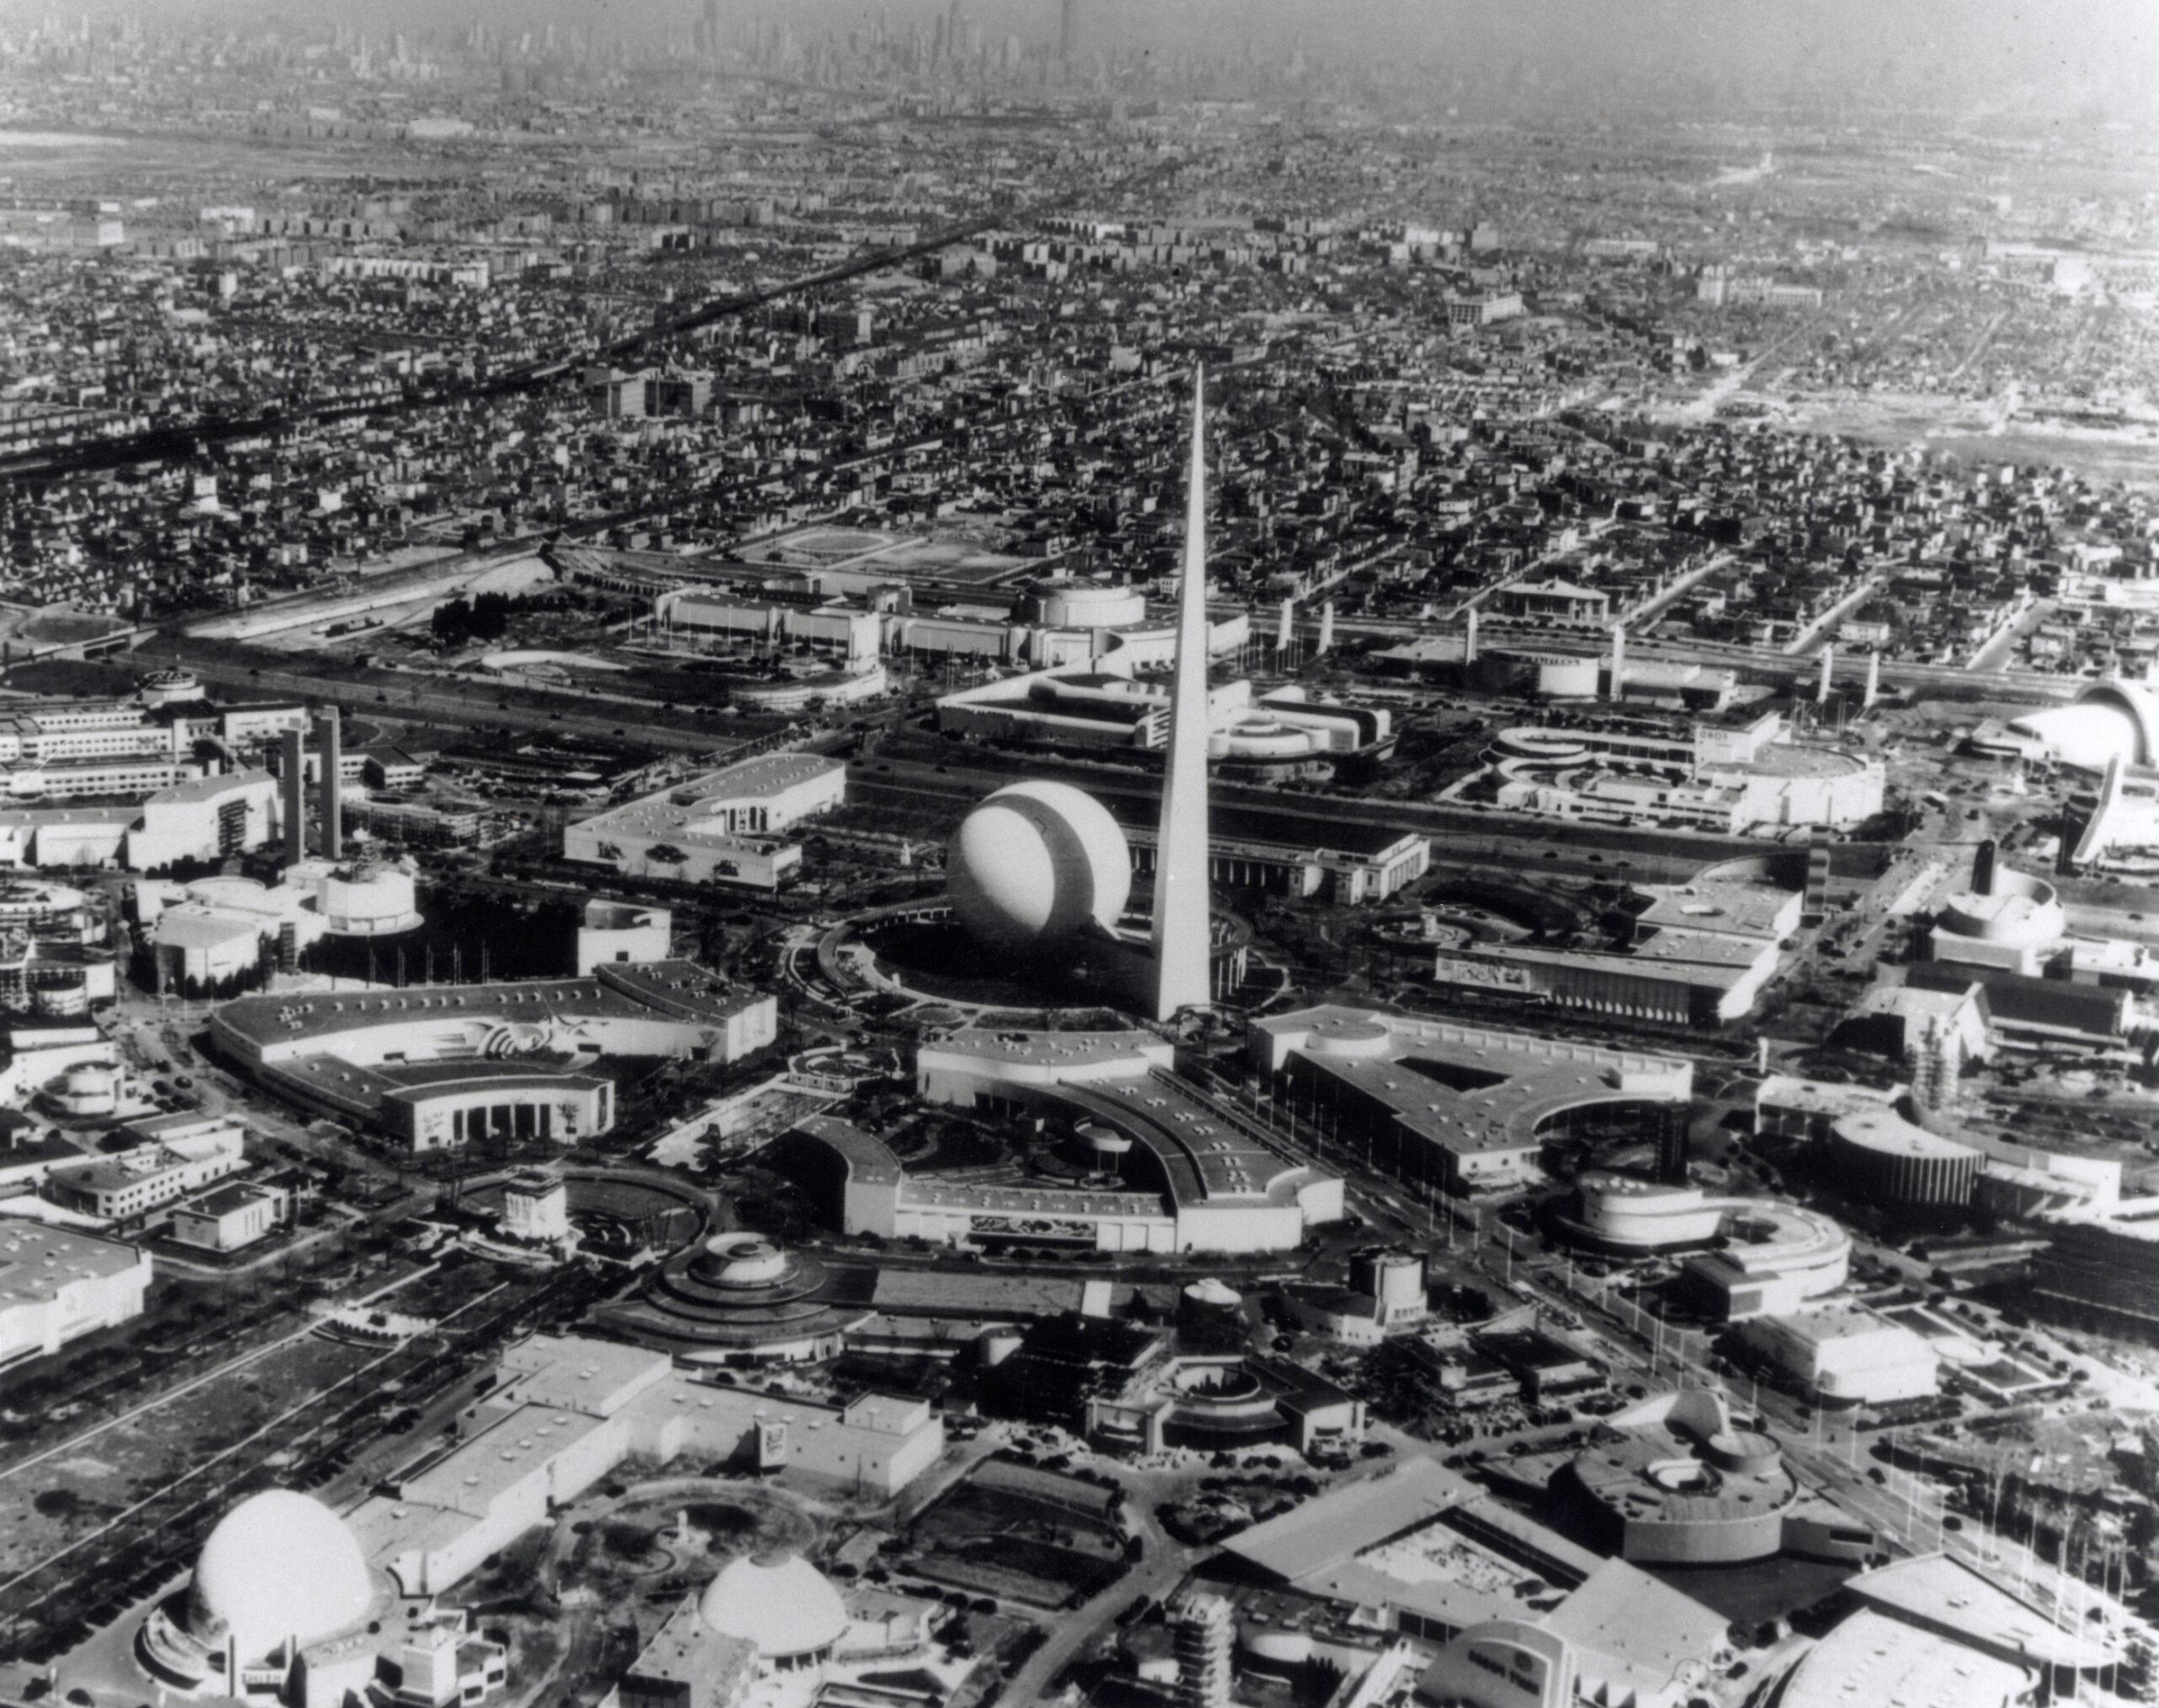 The 1939 World's Fair